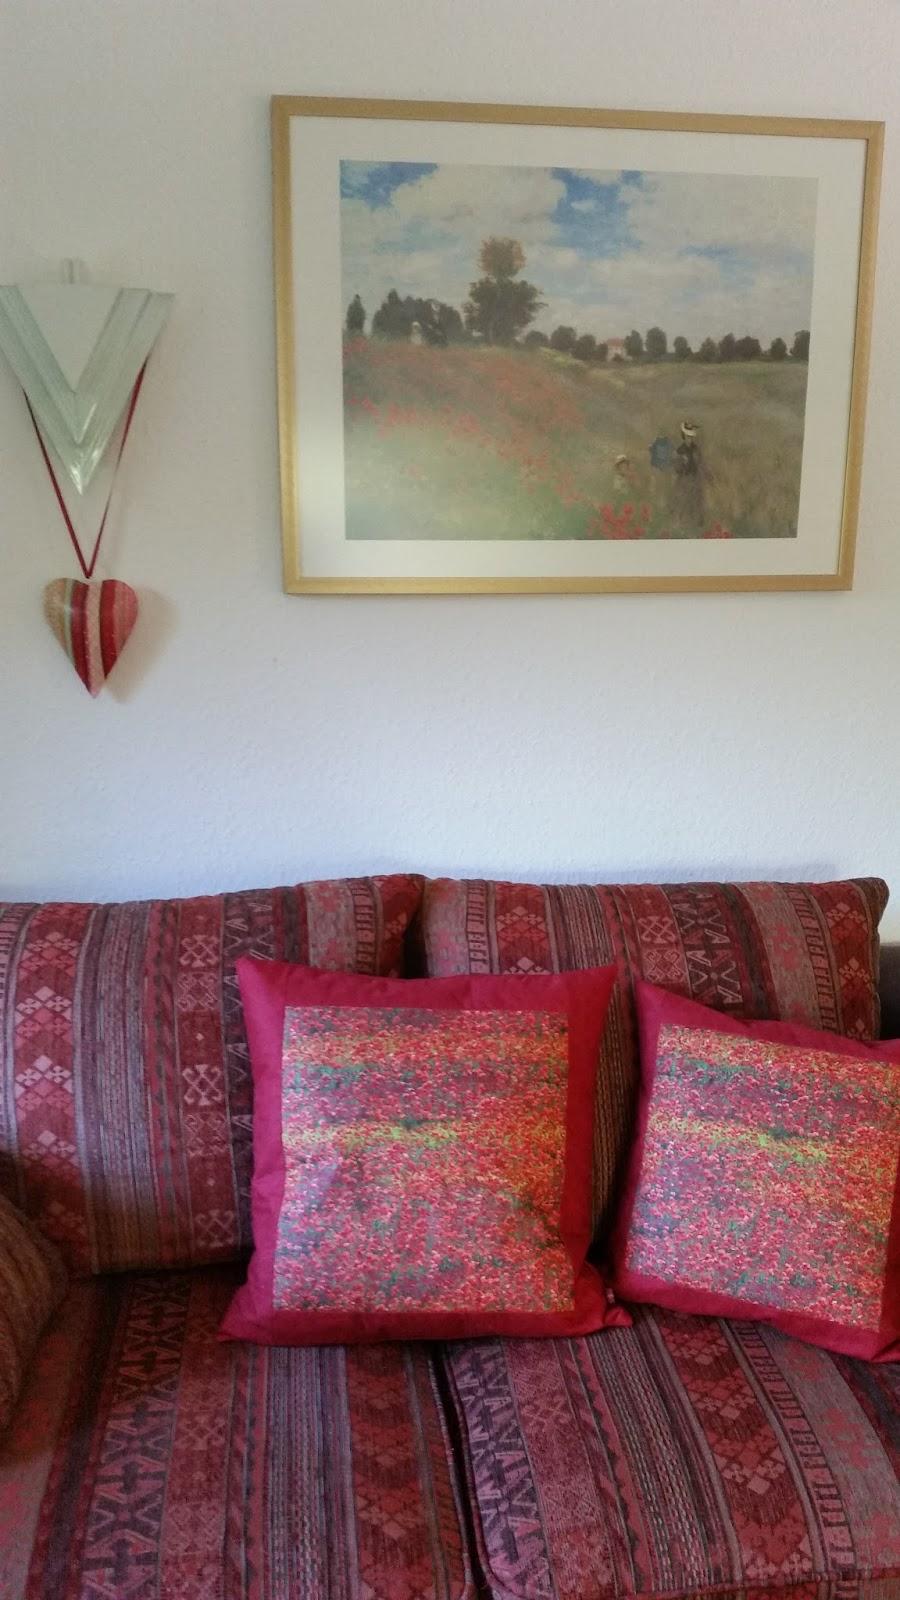 nellemies design neue kissen f r die couch. Black Bedroom Furniture Sets. Home Design Ideas